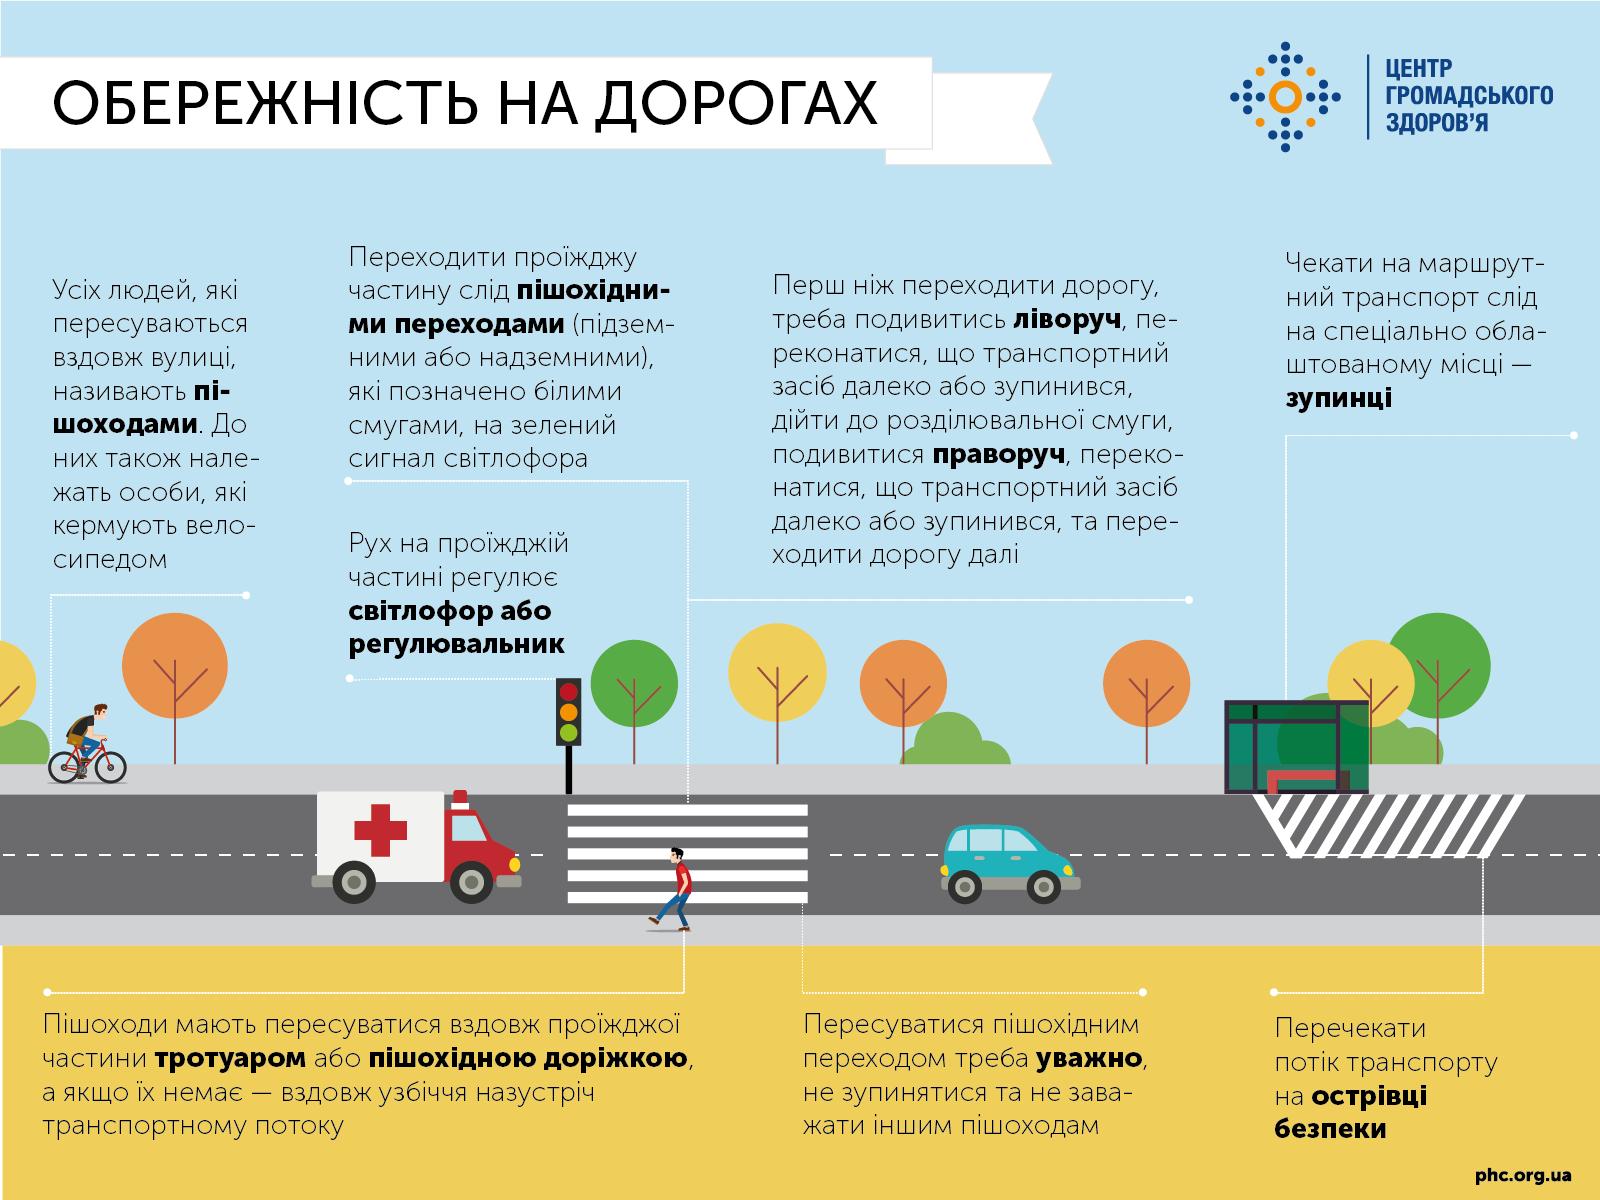 Обережність на дорогах-Шкільне життя